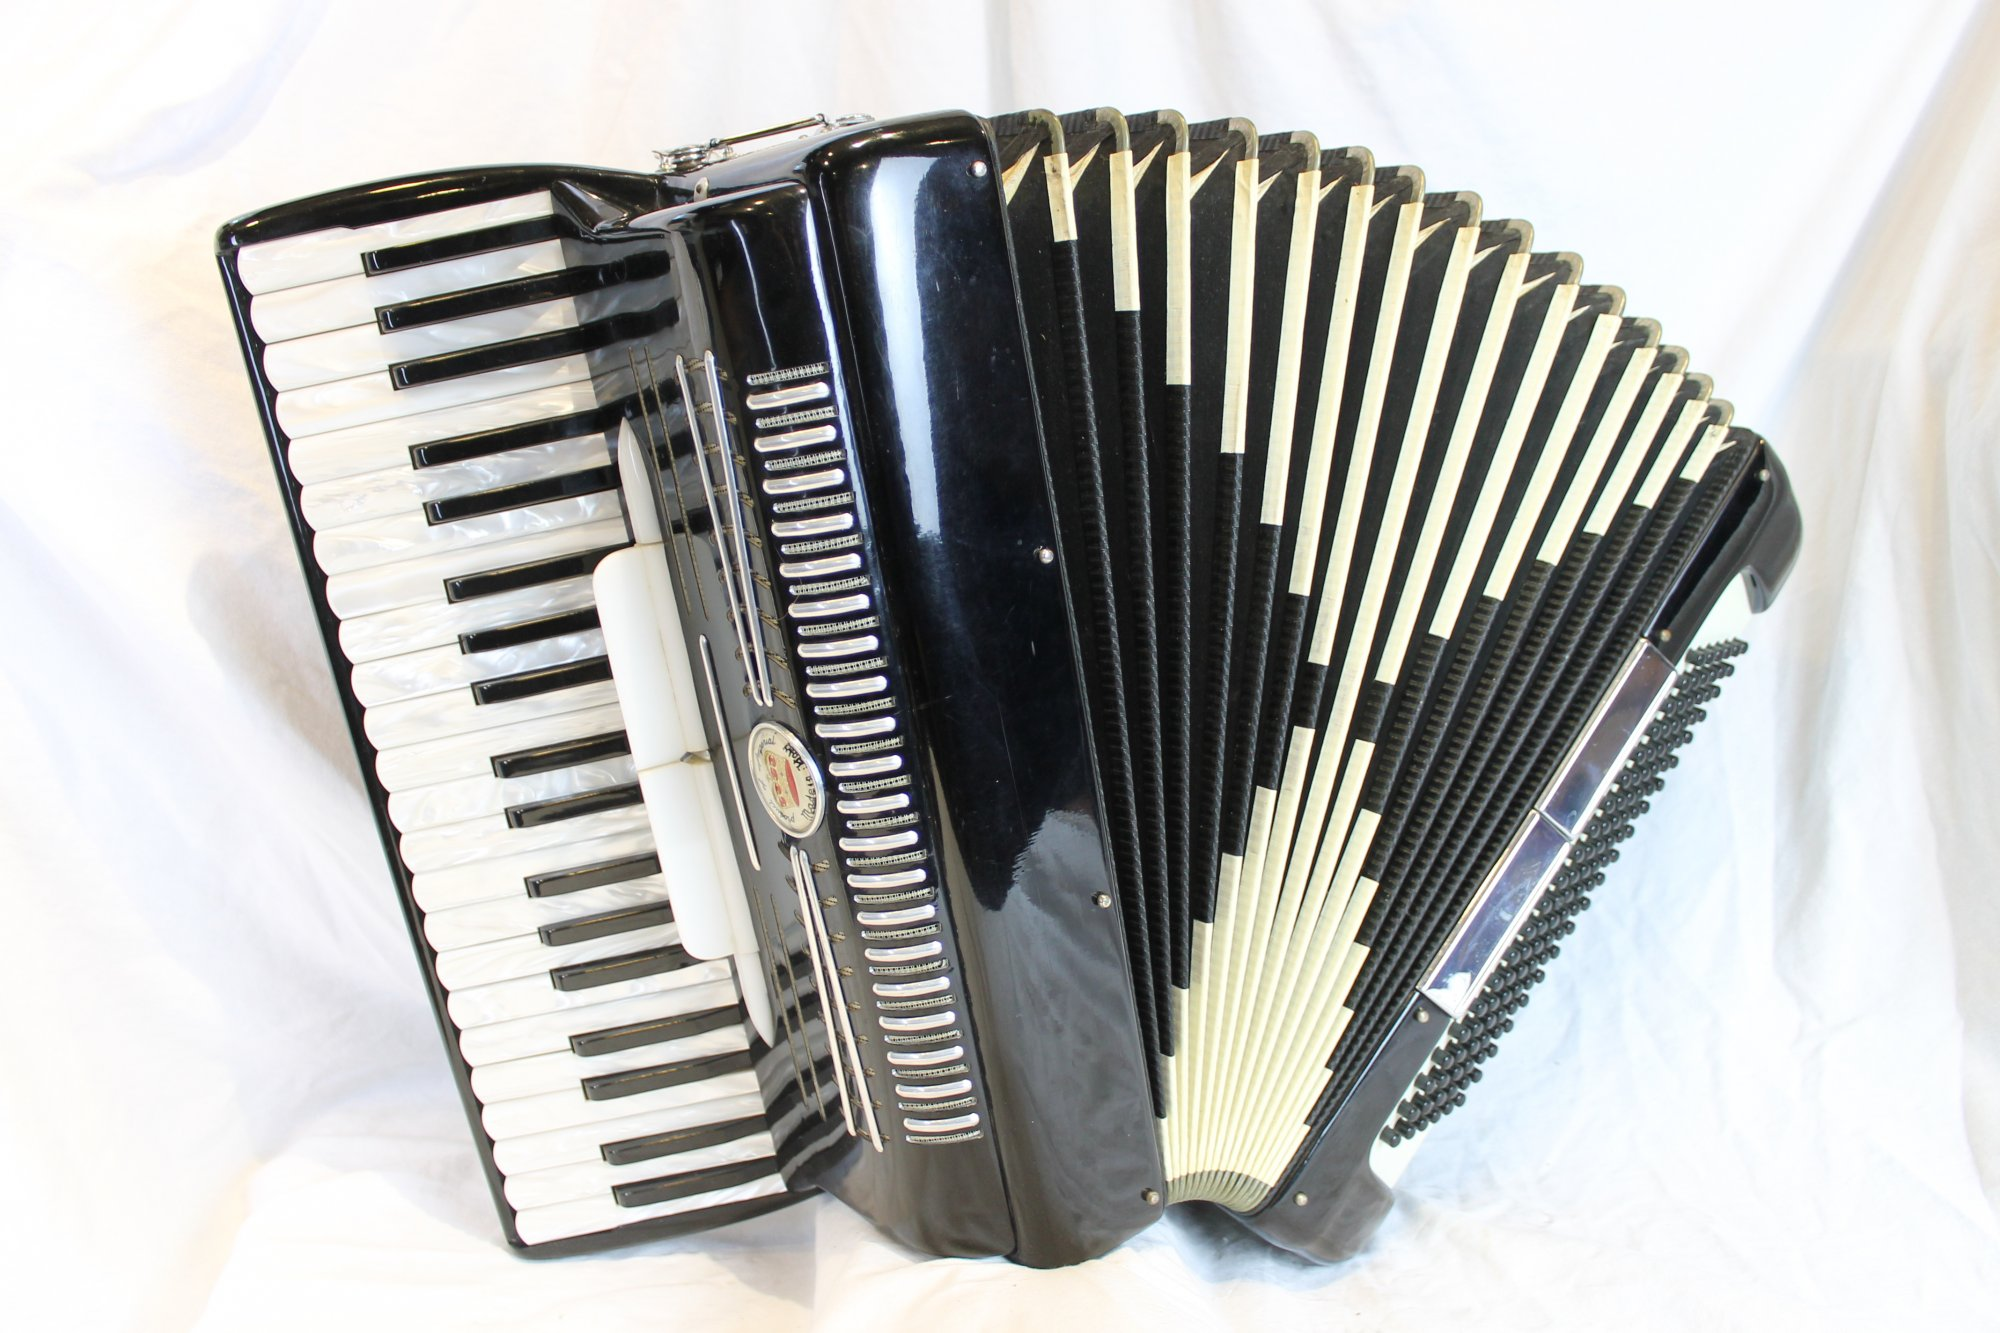 4426 - Black Imperial La Sonora E100 Piano Accordion LMM 41 120